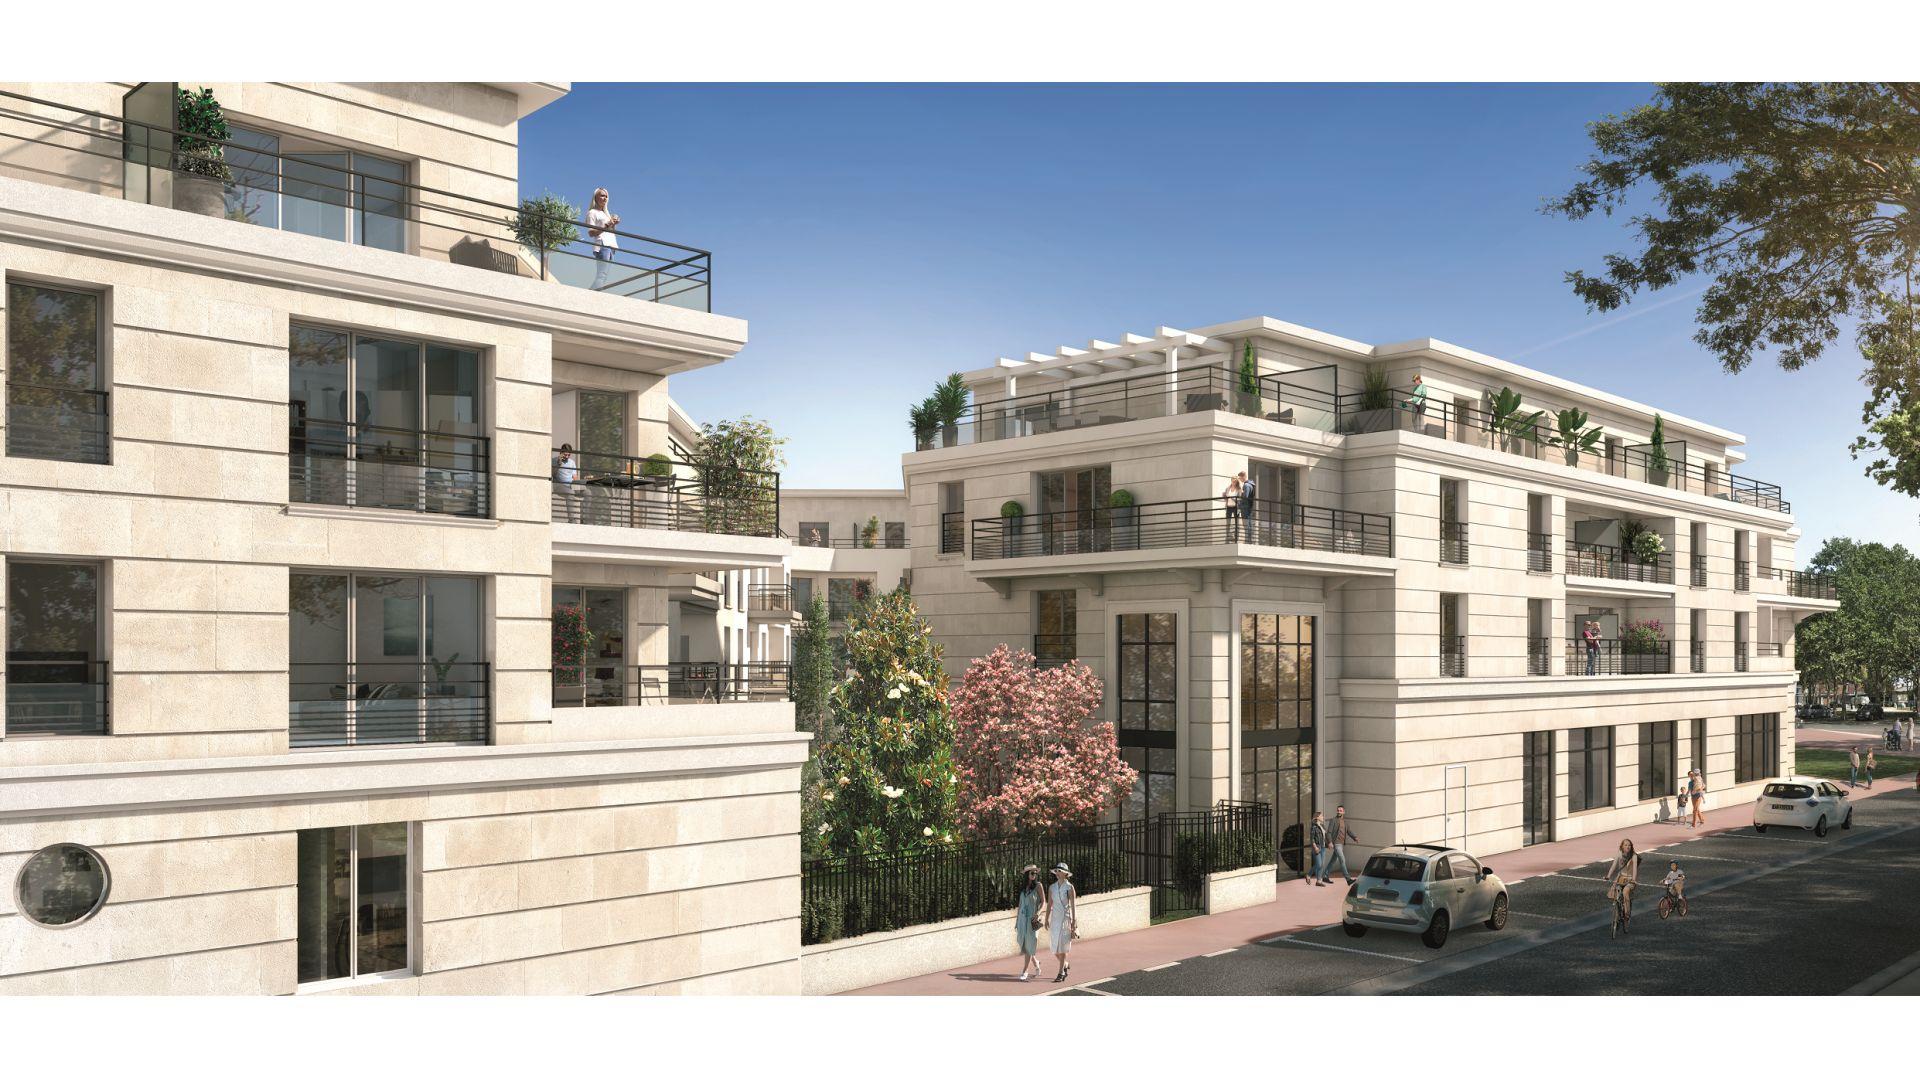 Greencity Immobilier - Square Kennedy - achat appartements du T1 bis au T5 duplex - Saint-Maur des Fossés 94100